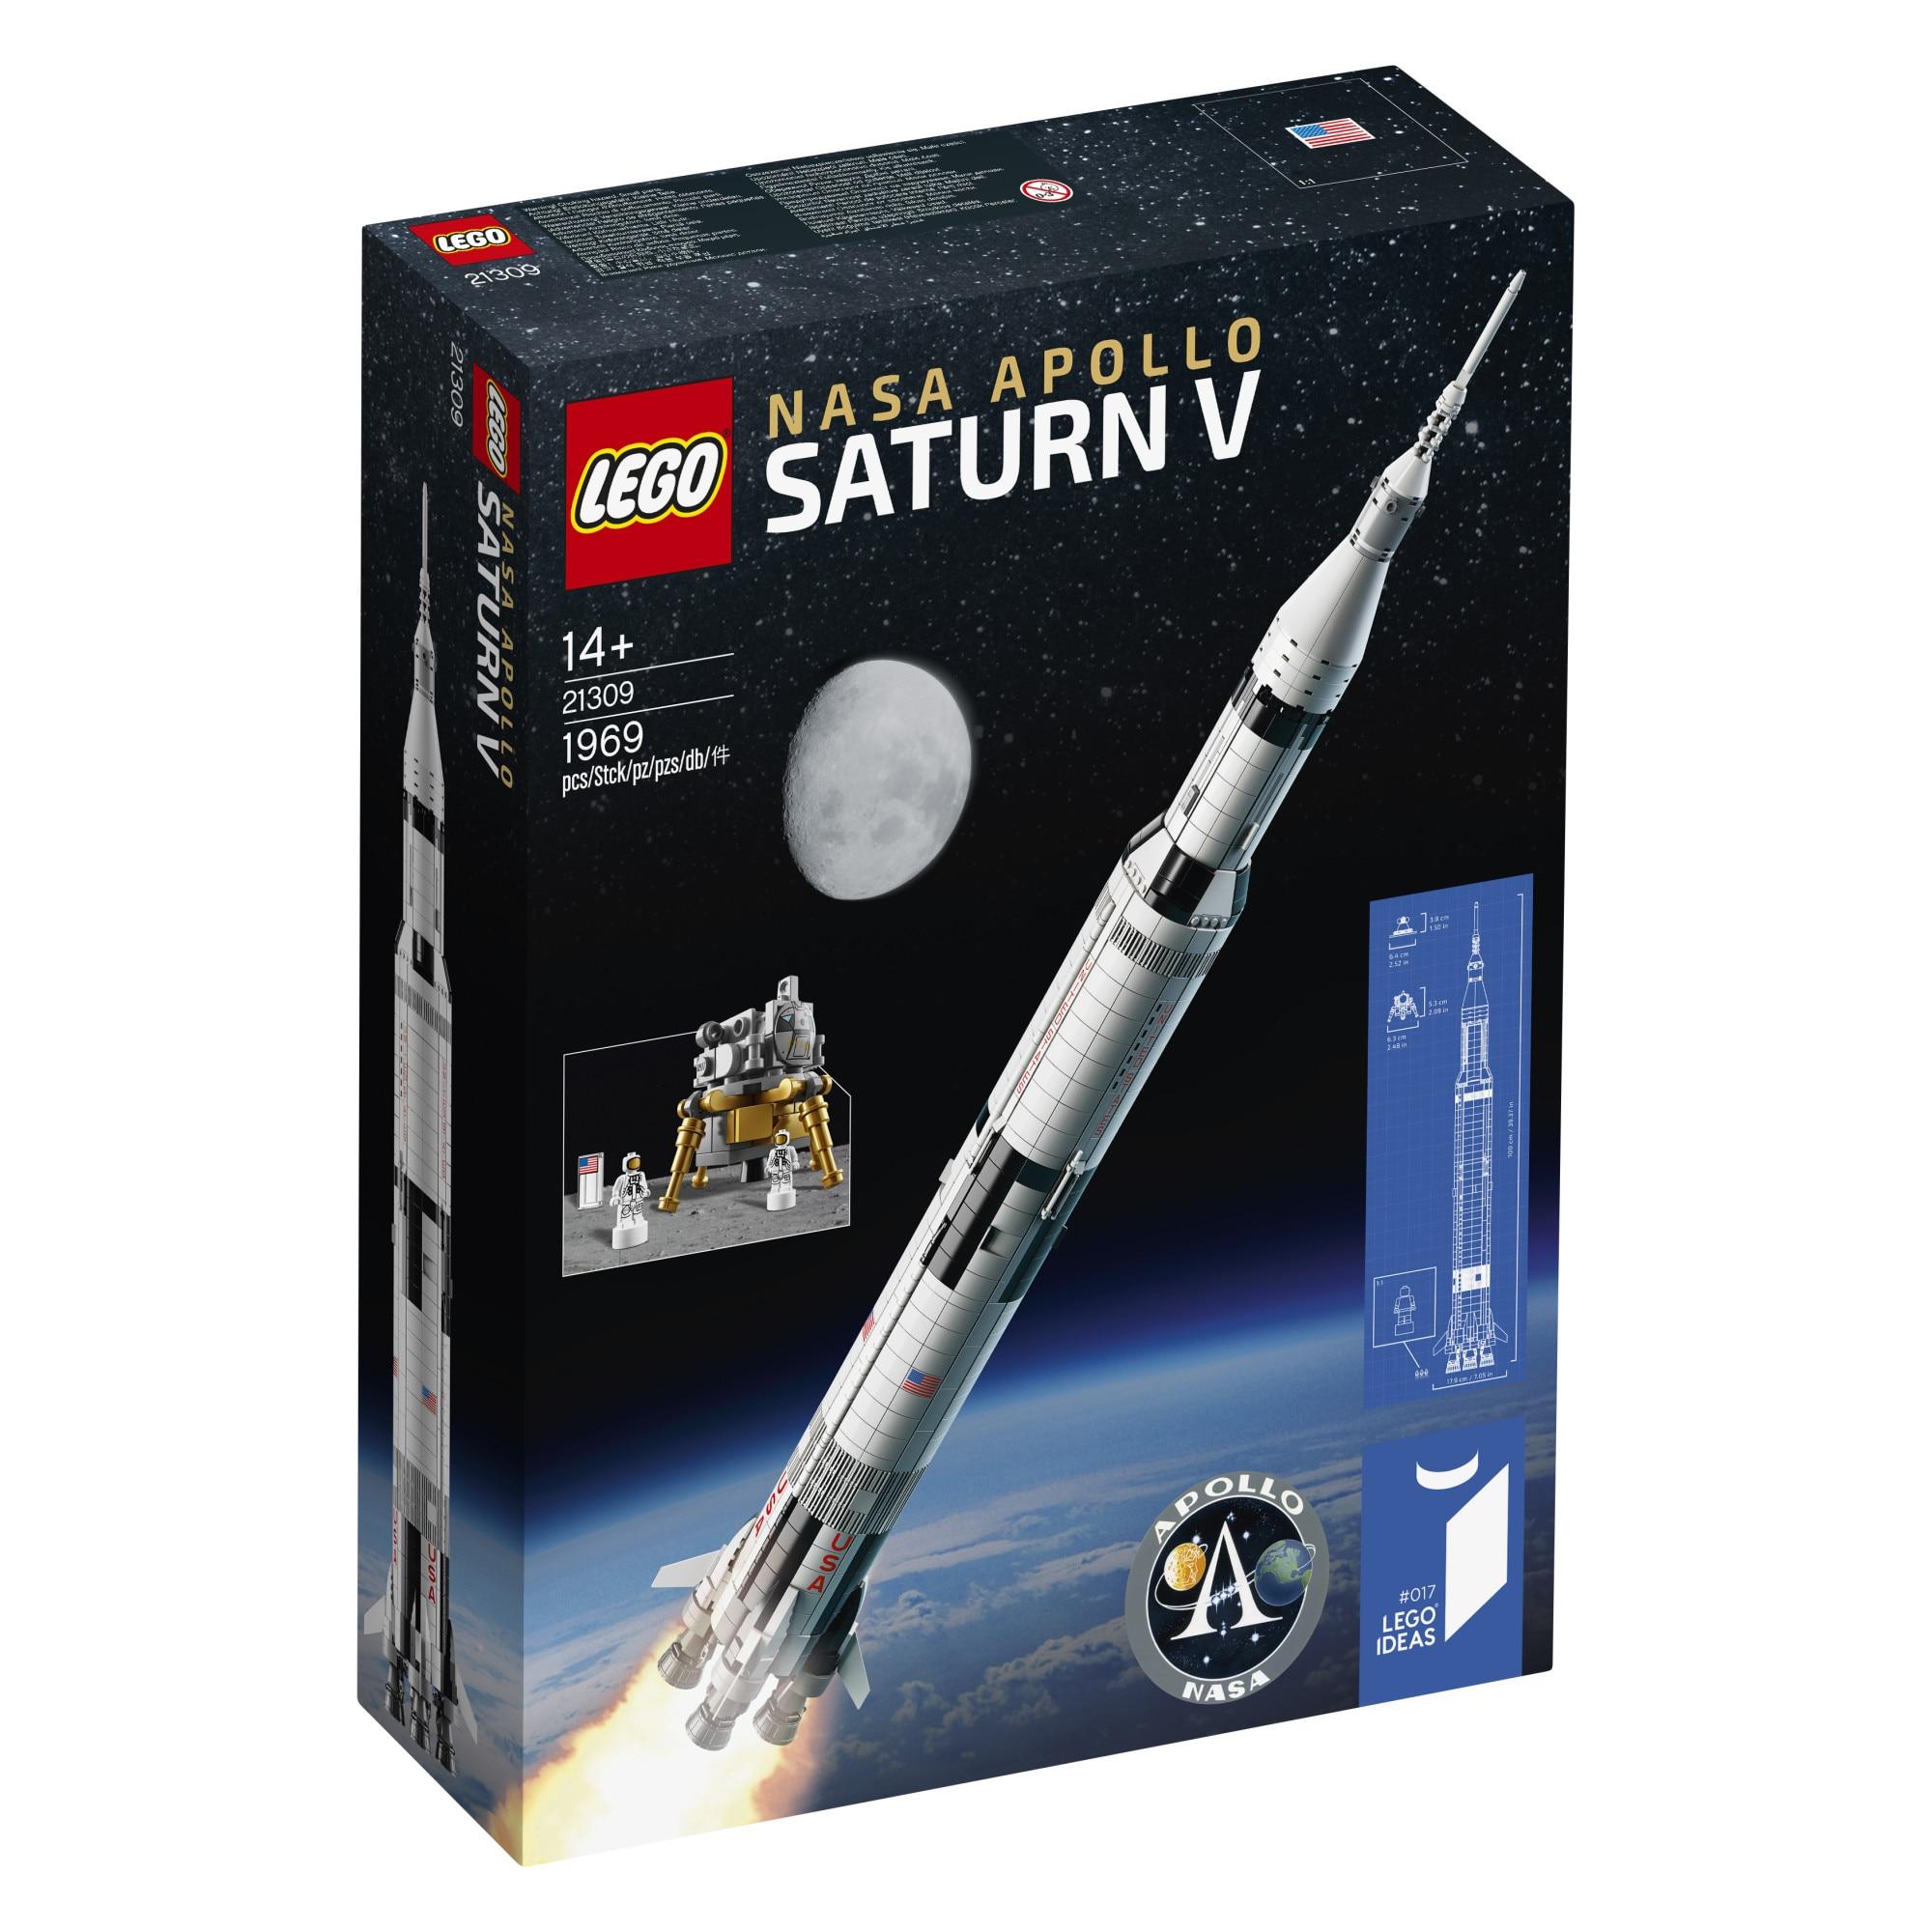 Fotografie LEGO Ideas - NASA Apollo Saturn V 92176, 1969 piese